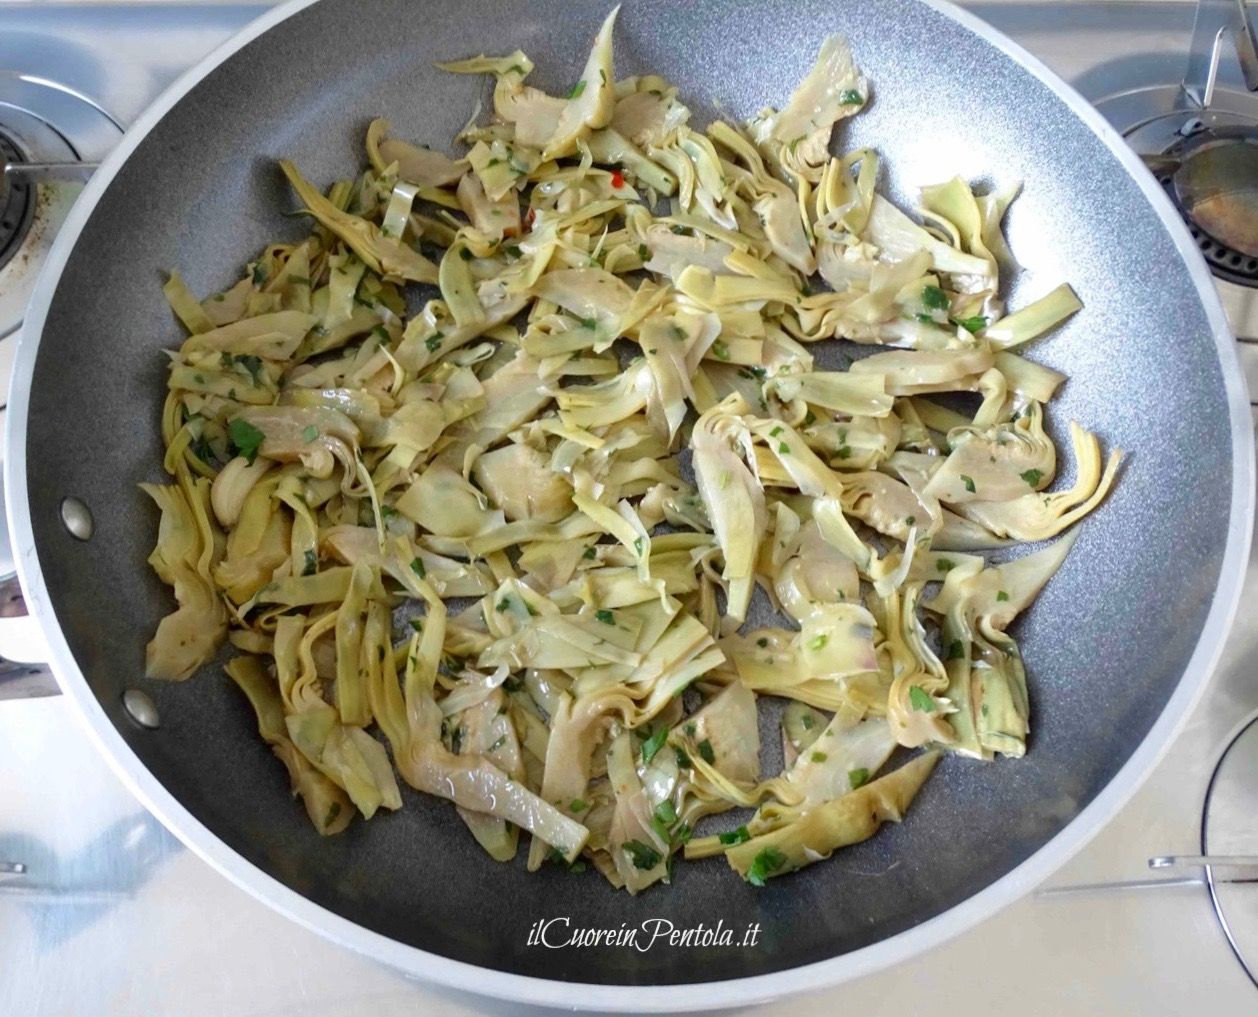 Carciofi In Padella Carciofi Trifolati Ricetta Facile E Velocissima Ricetta Ricette Ricette Contorni Idee Alimentari